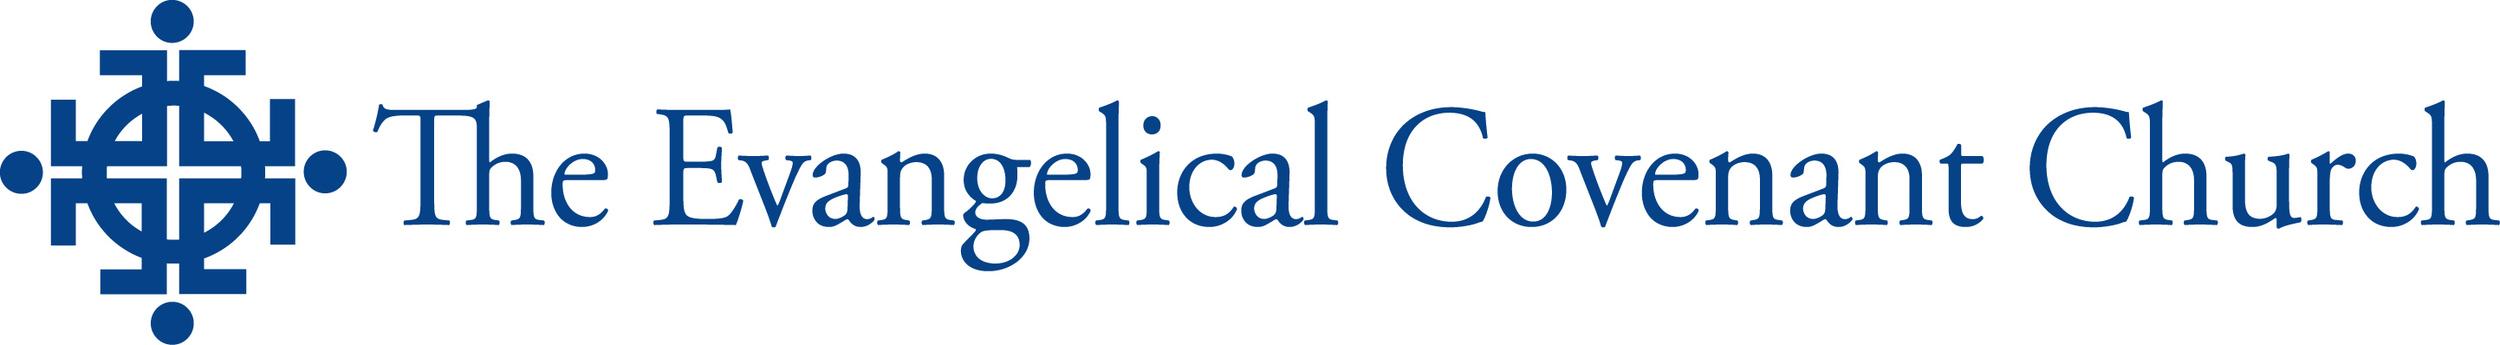 ECC-Logo-Horizontal.jpg